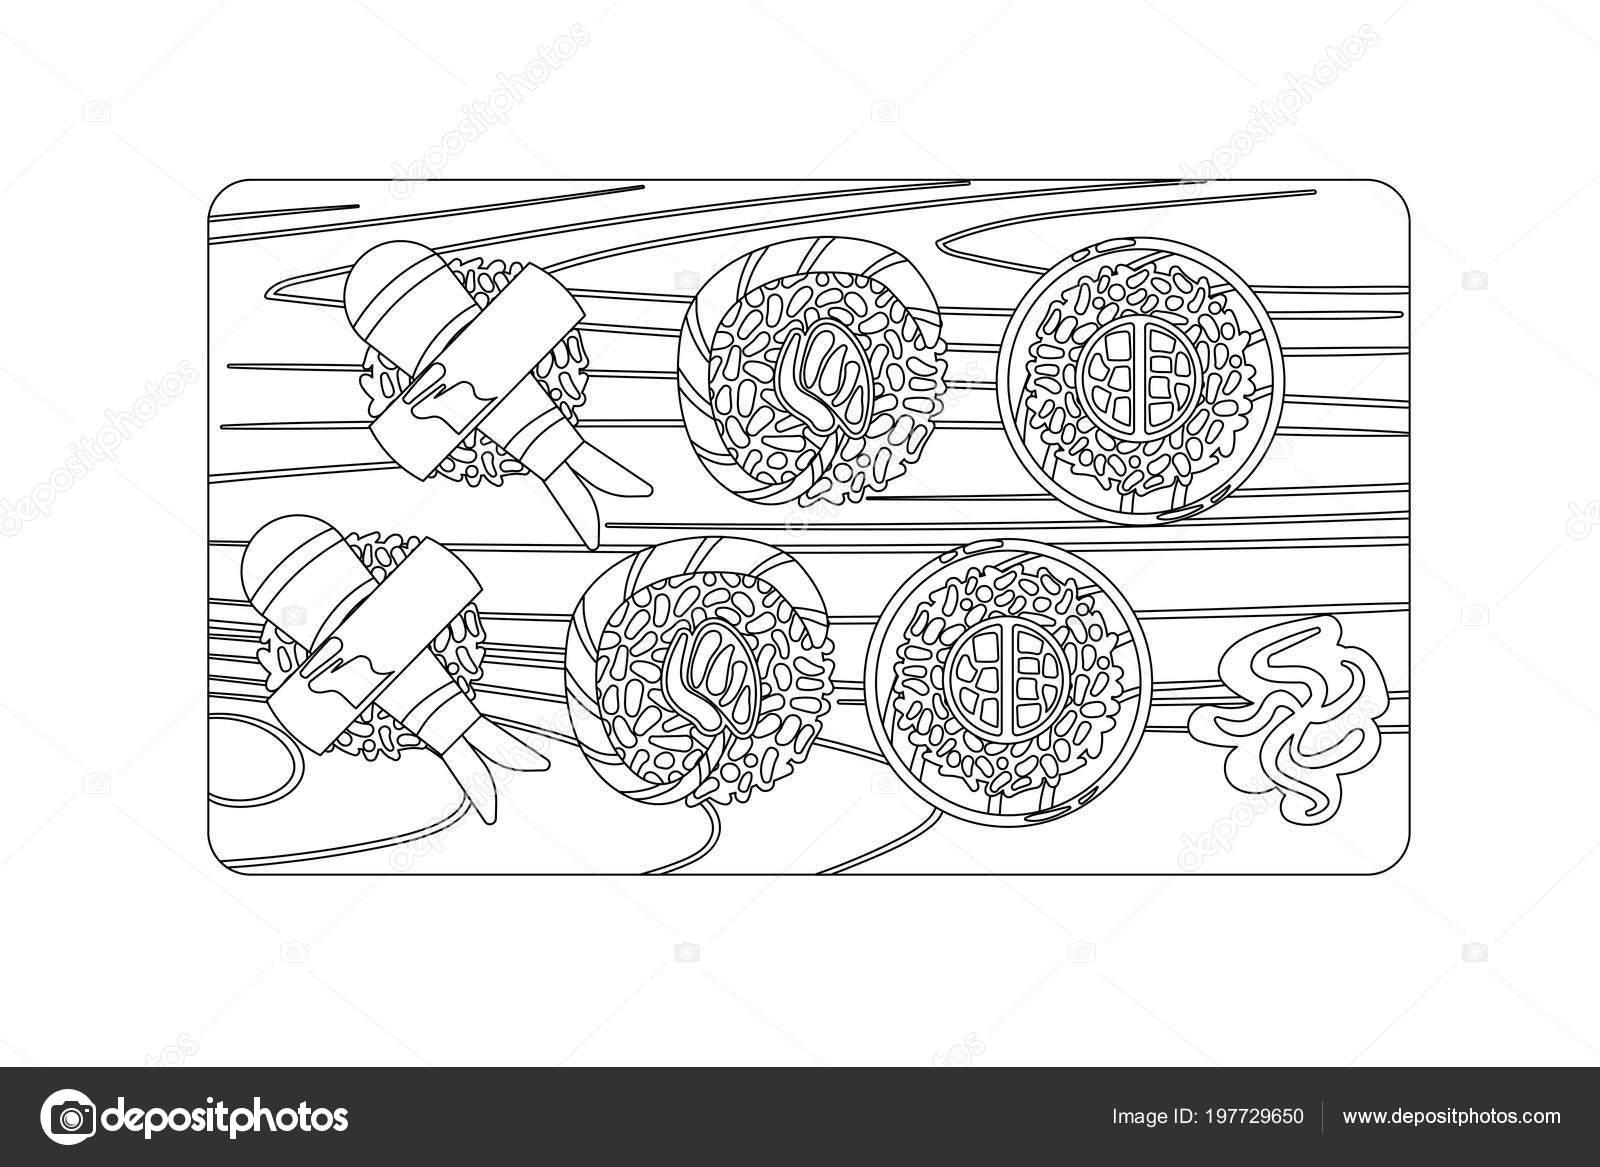 Japonske Jidlo Vektorove Obrysy Kresleni V Cerne A Bile Stock